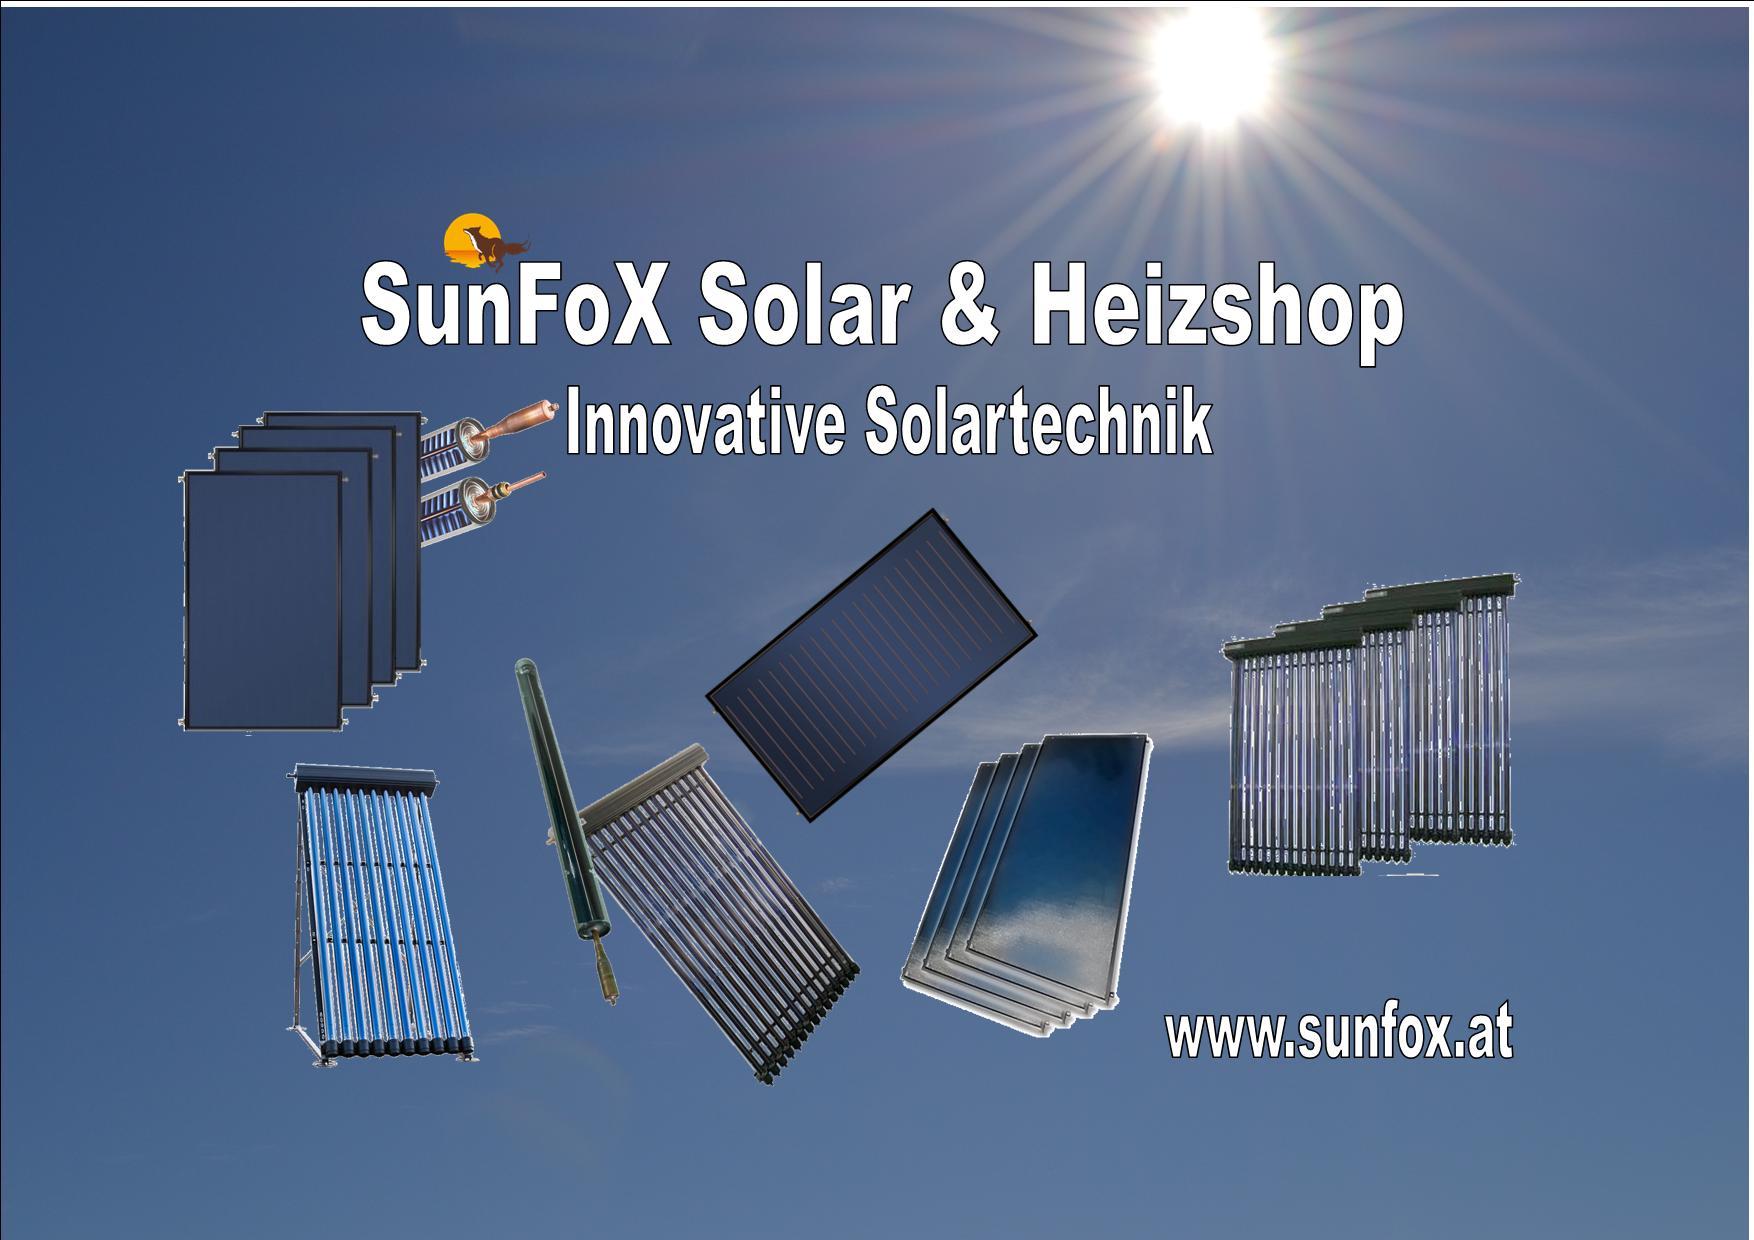 Solar1Sartb.jpg